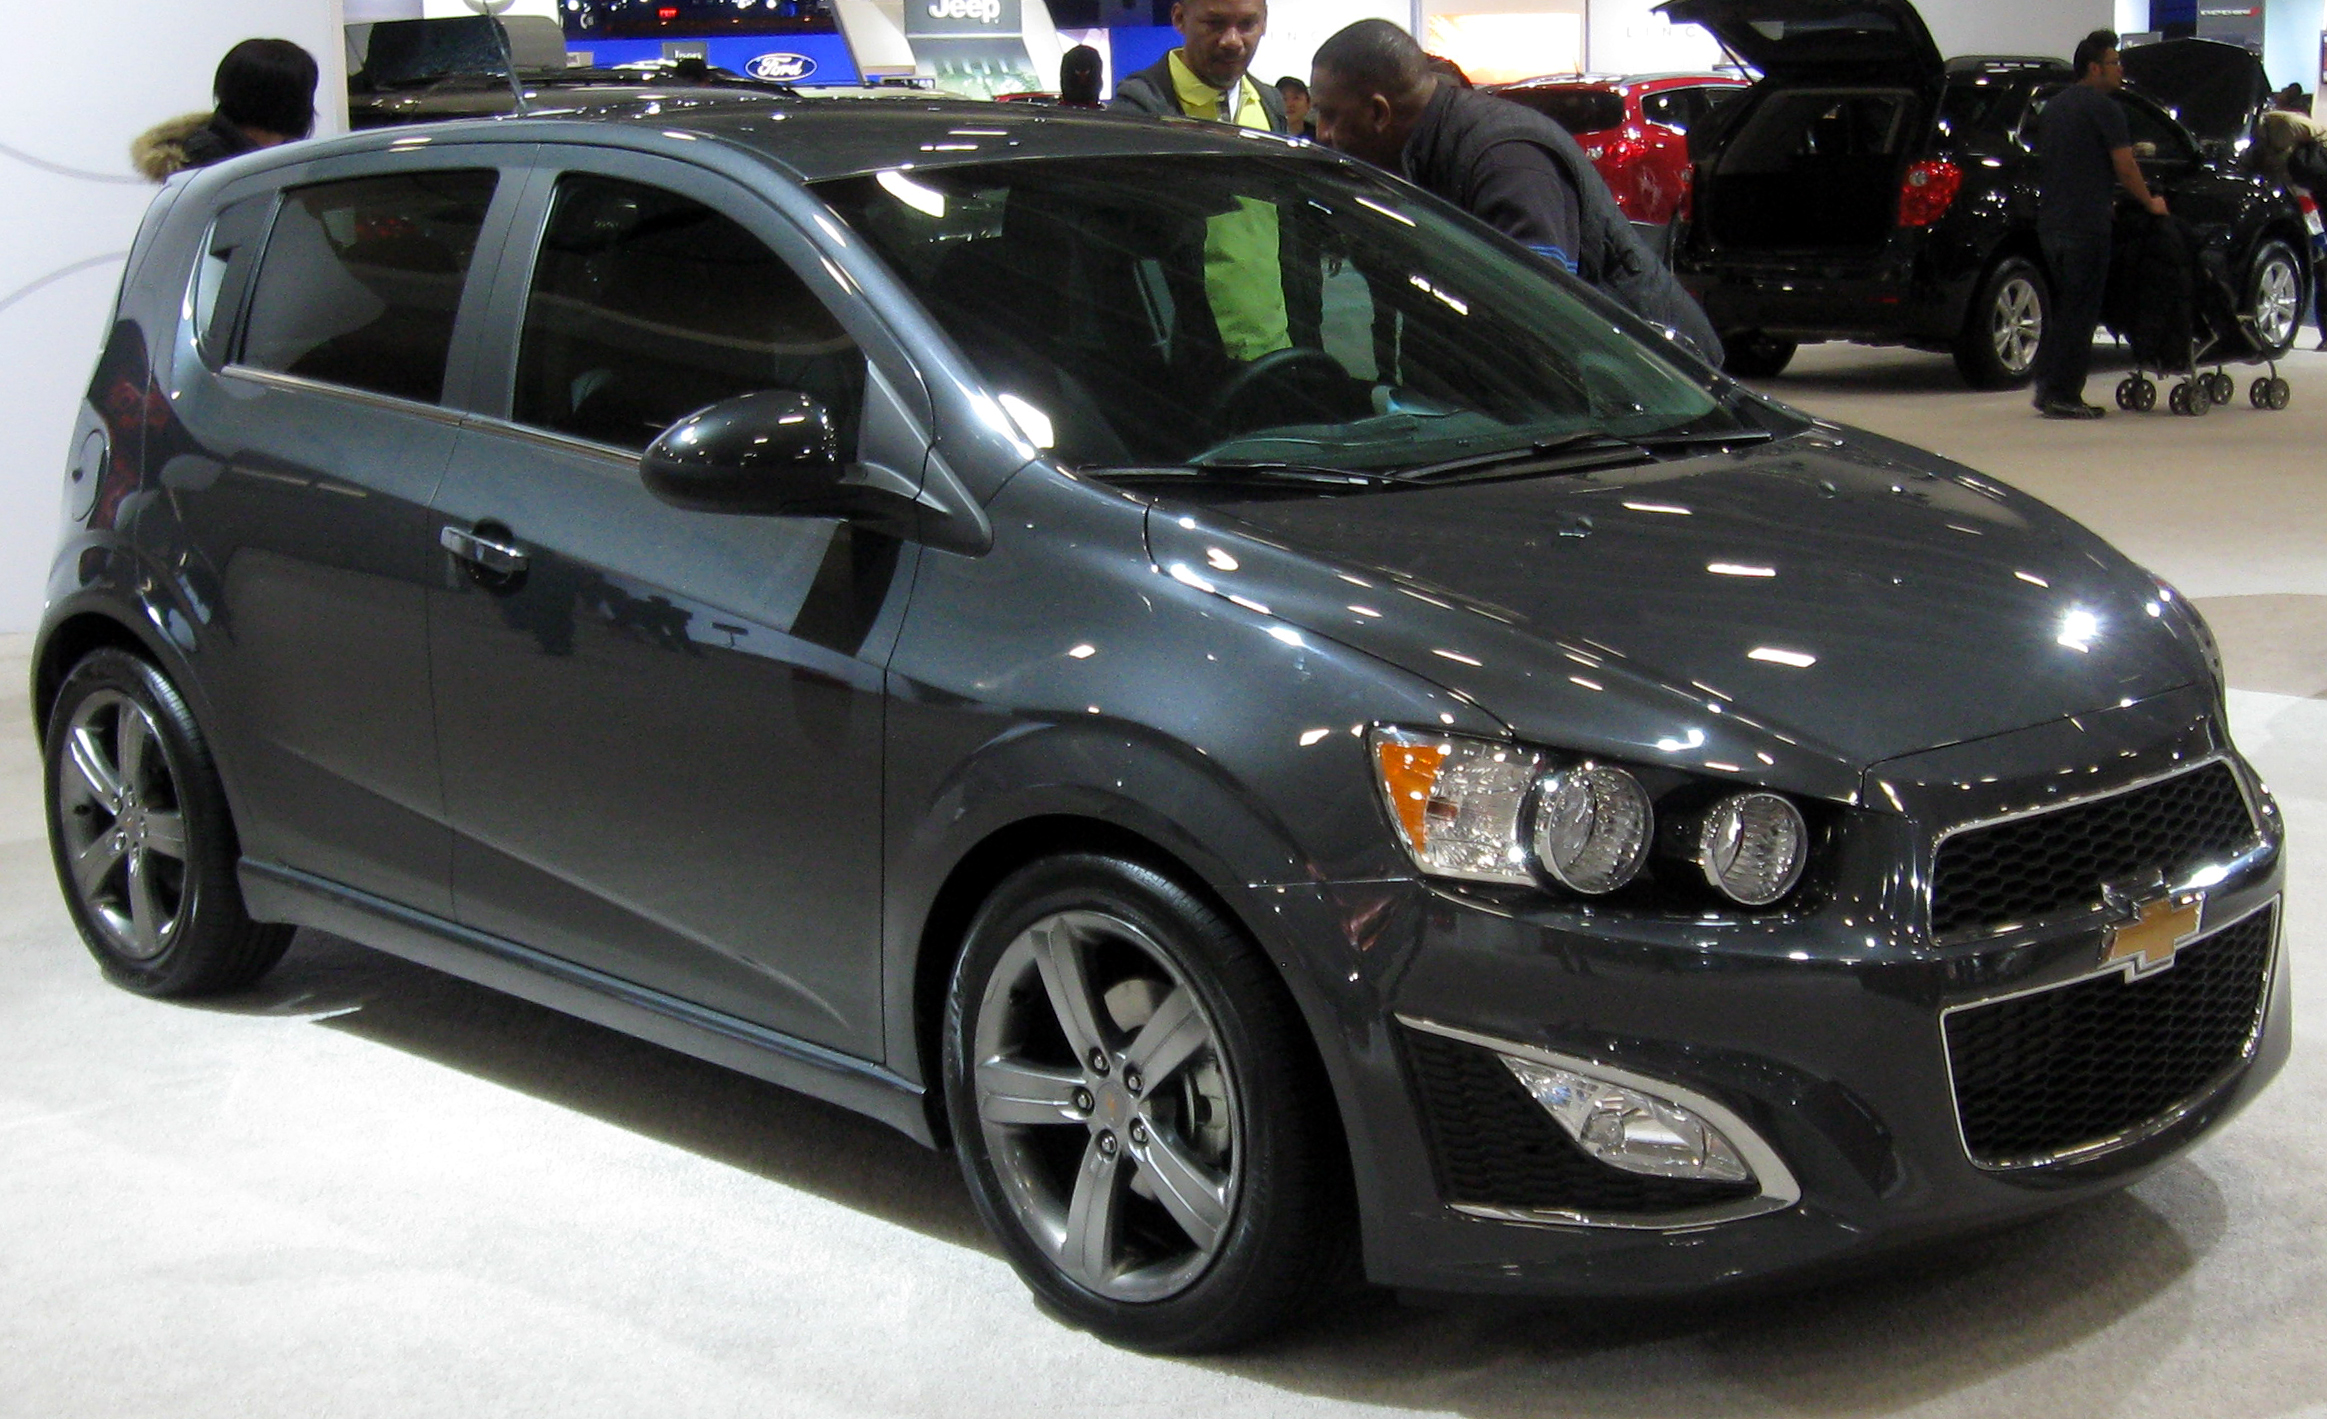 2013 Chevrolet Aveo